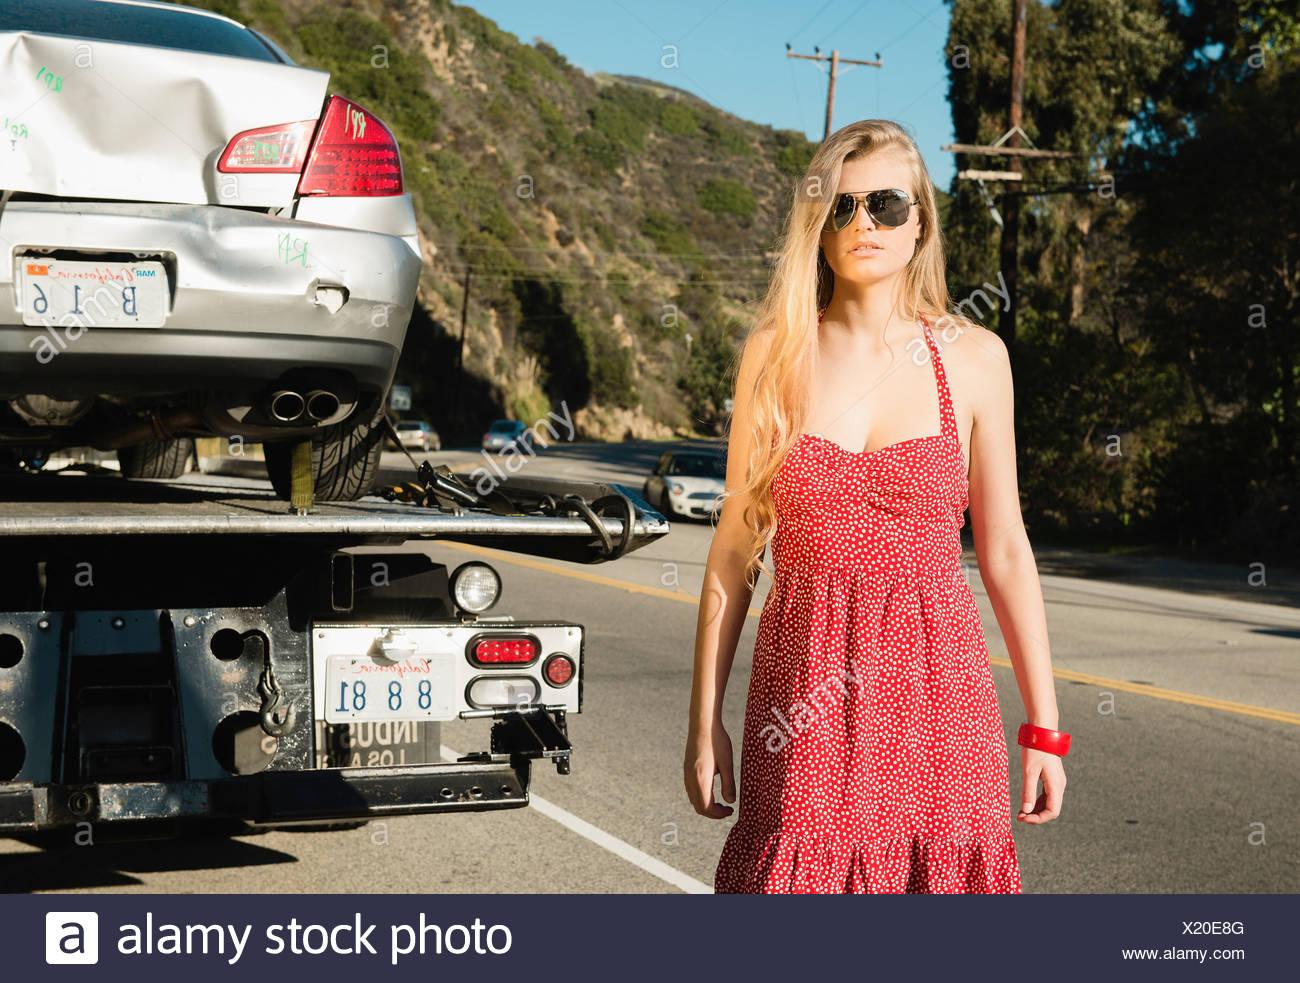 Mujer joven mirando a la cámara como Tow Truck quita auto dañado Foto de stock